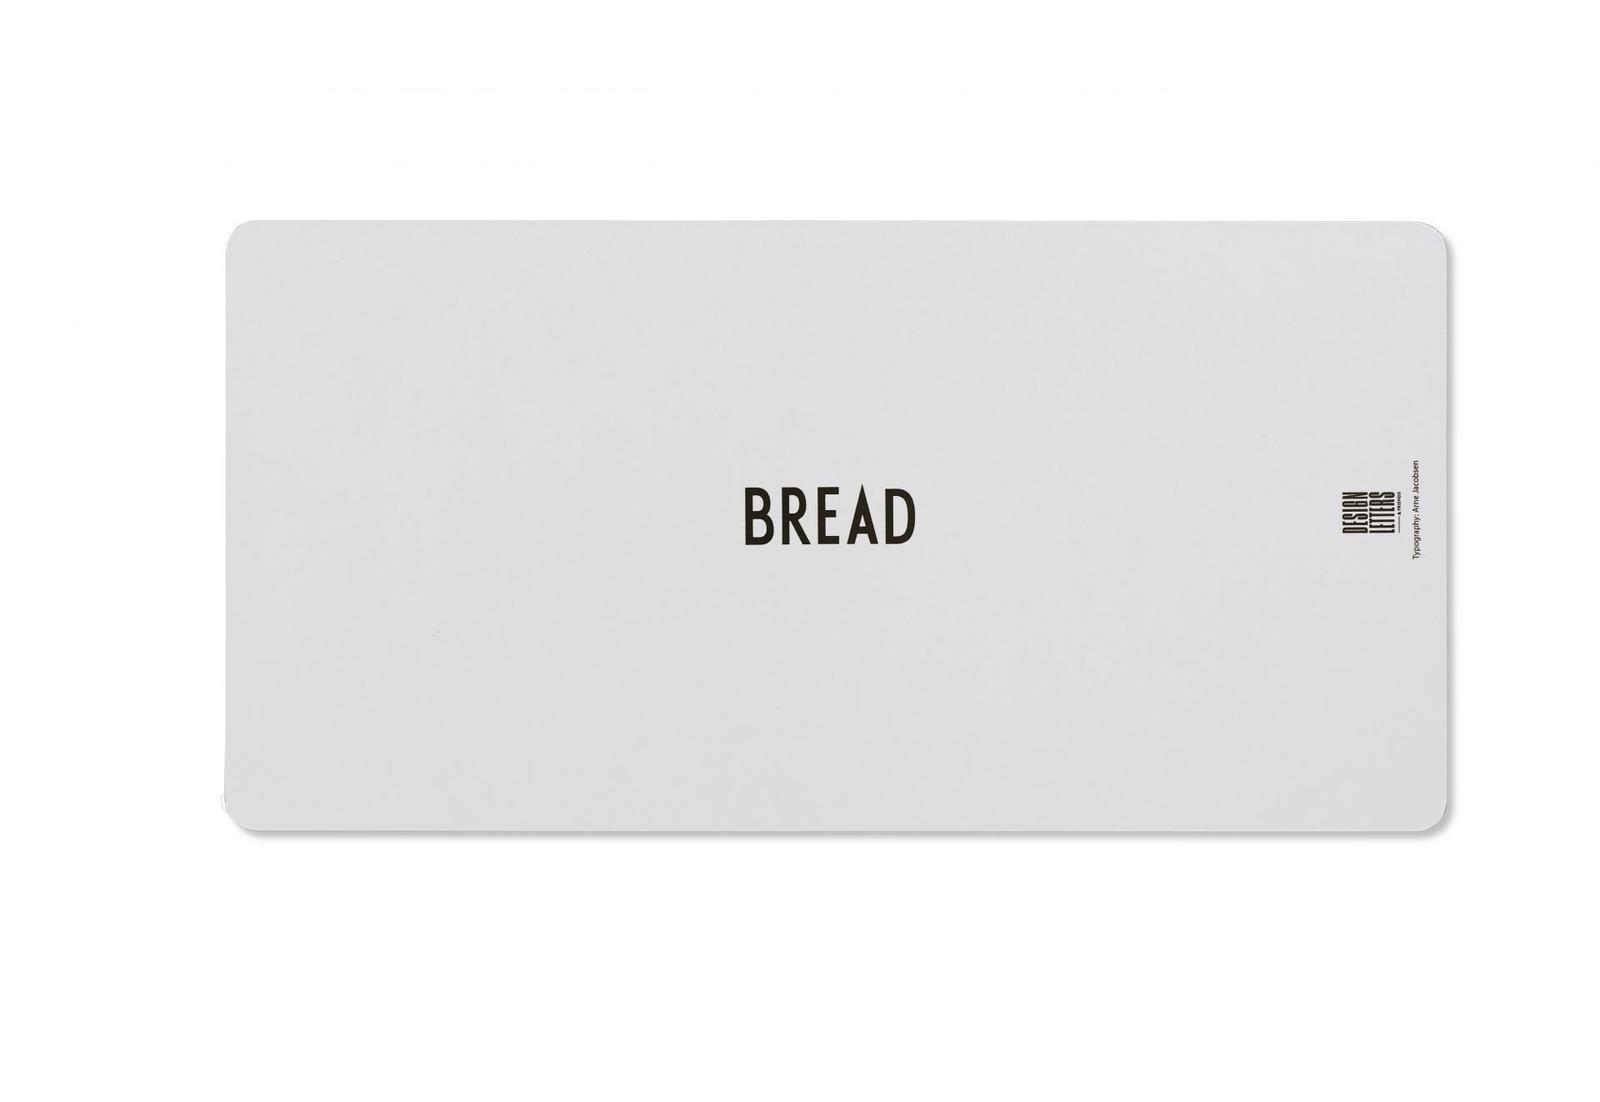 Dřevěné šedé prkénko B (Design Letters) - Obrázek č. 3